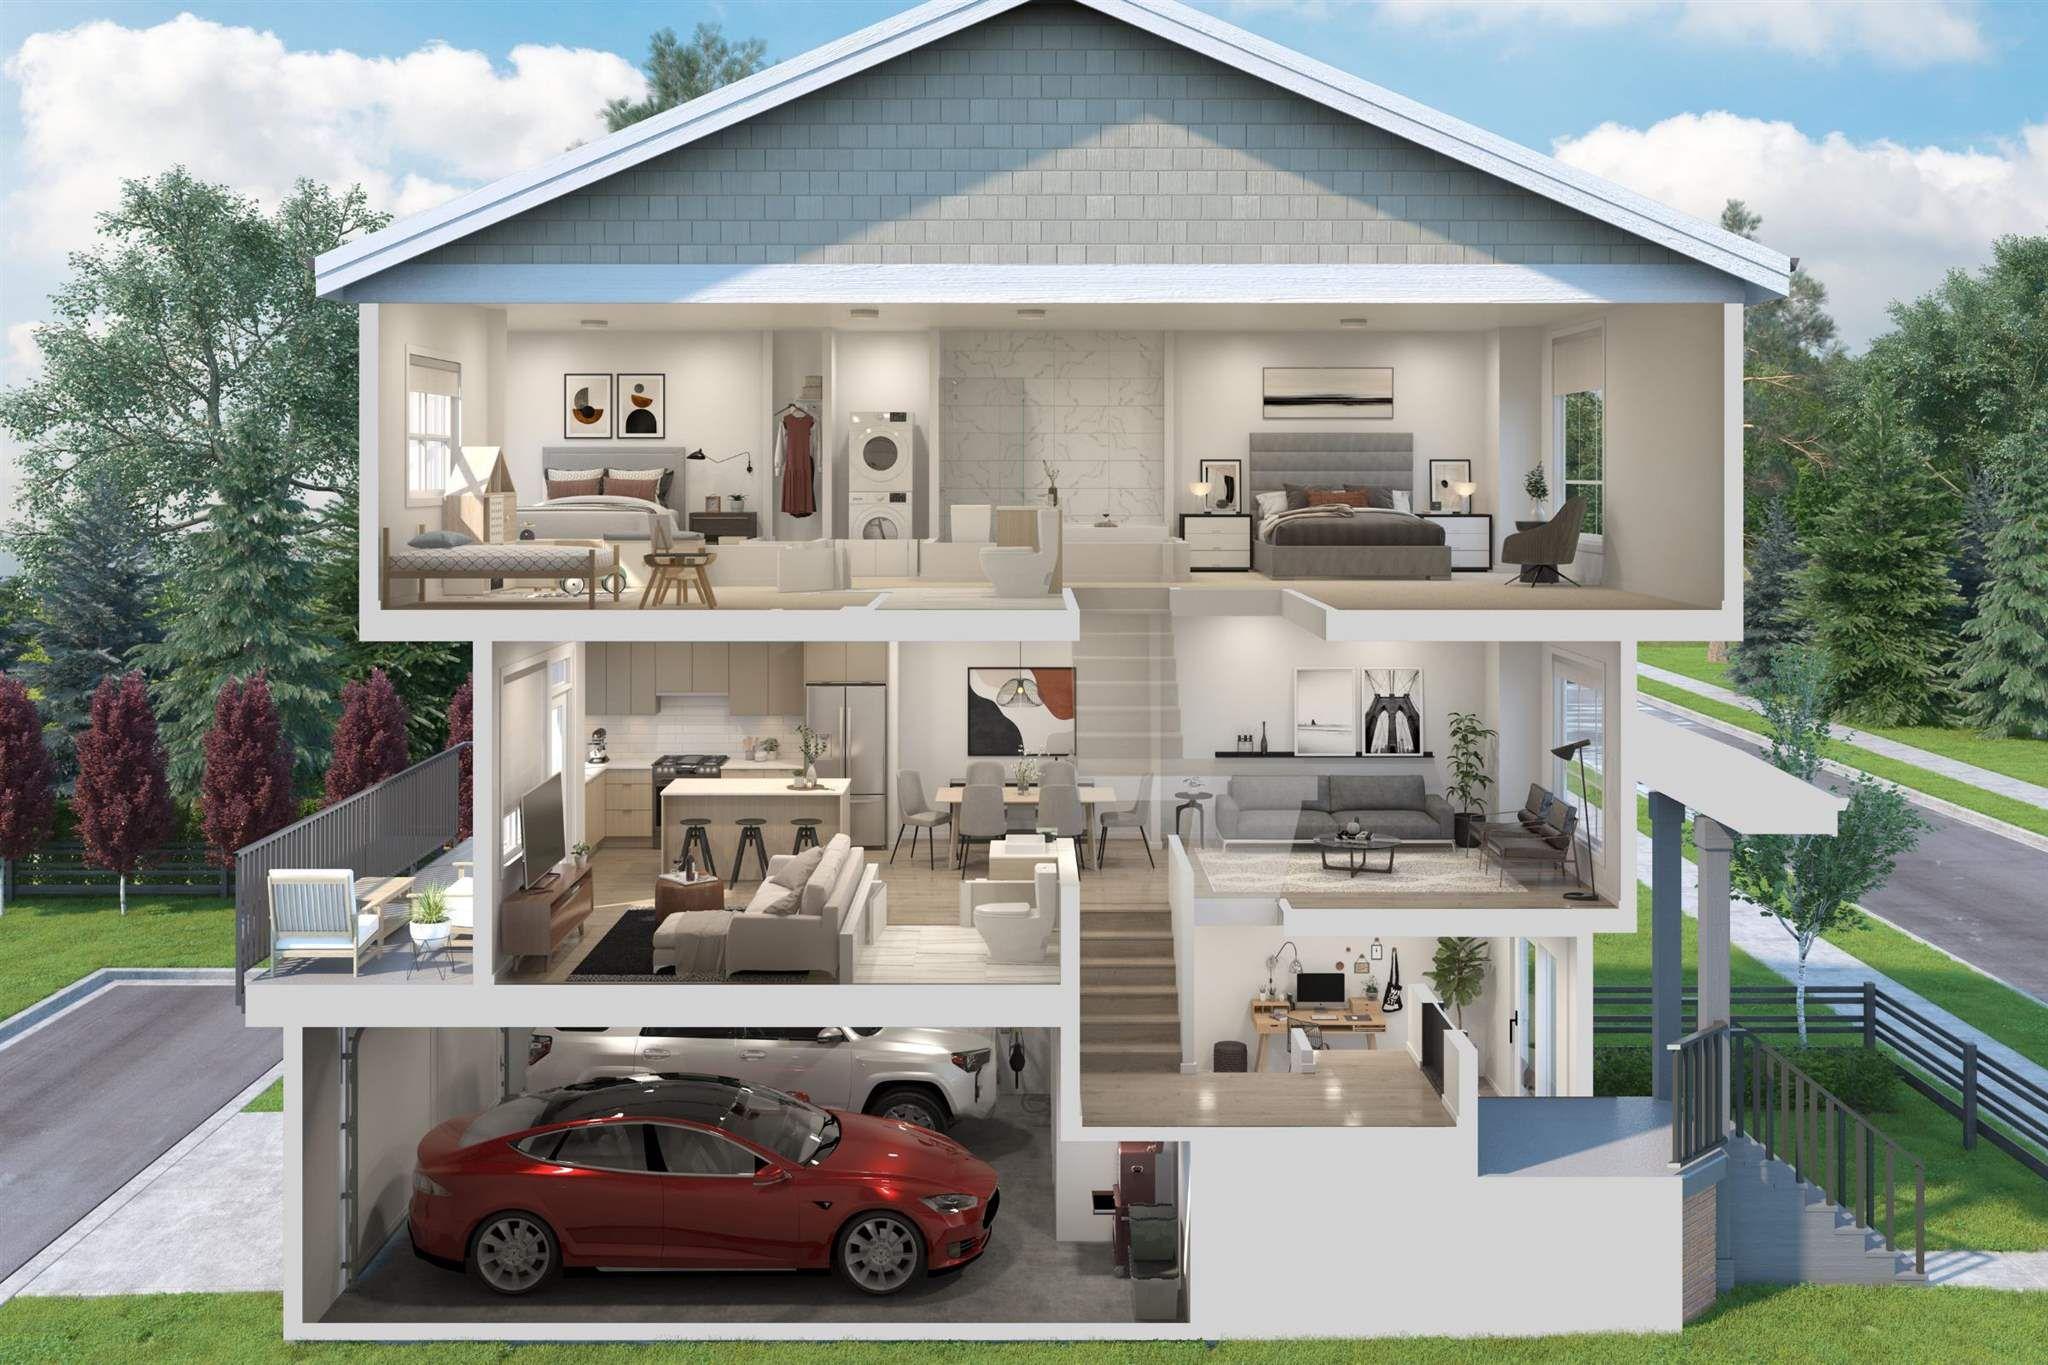 """Main Photo: 46 11556 72A Avenue in Delta: Scottsdale Townhouse for sale in """"Oakcrest"""" (N. Delta)  : MLS®# R2595407"""